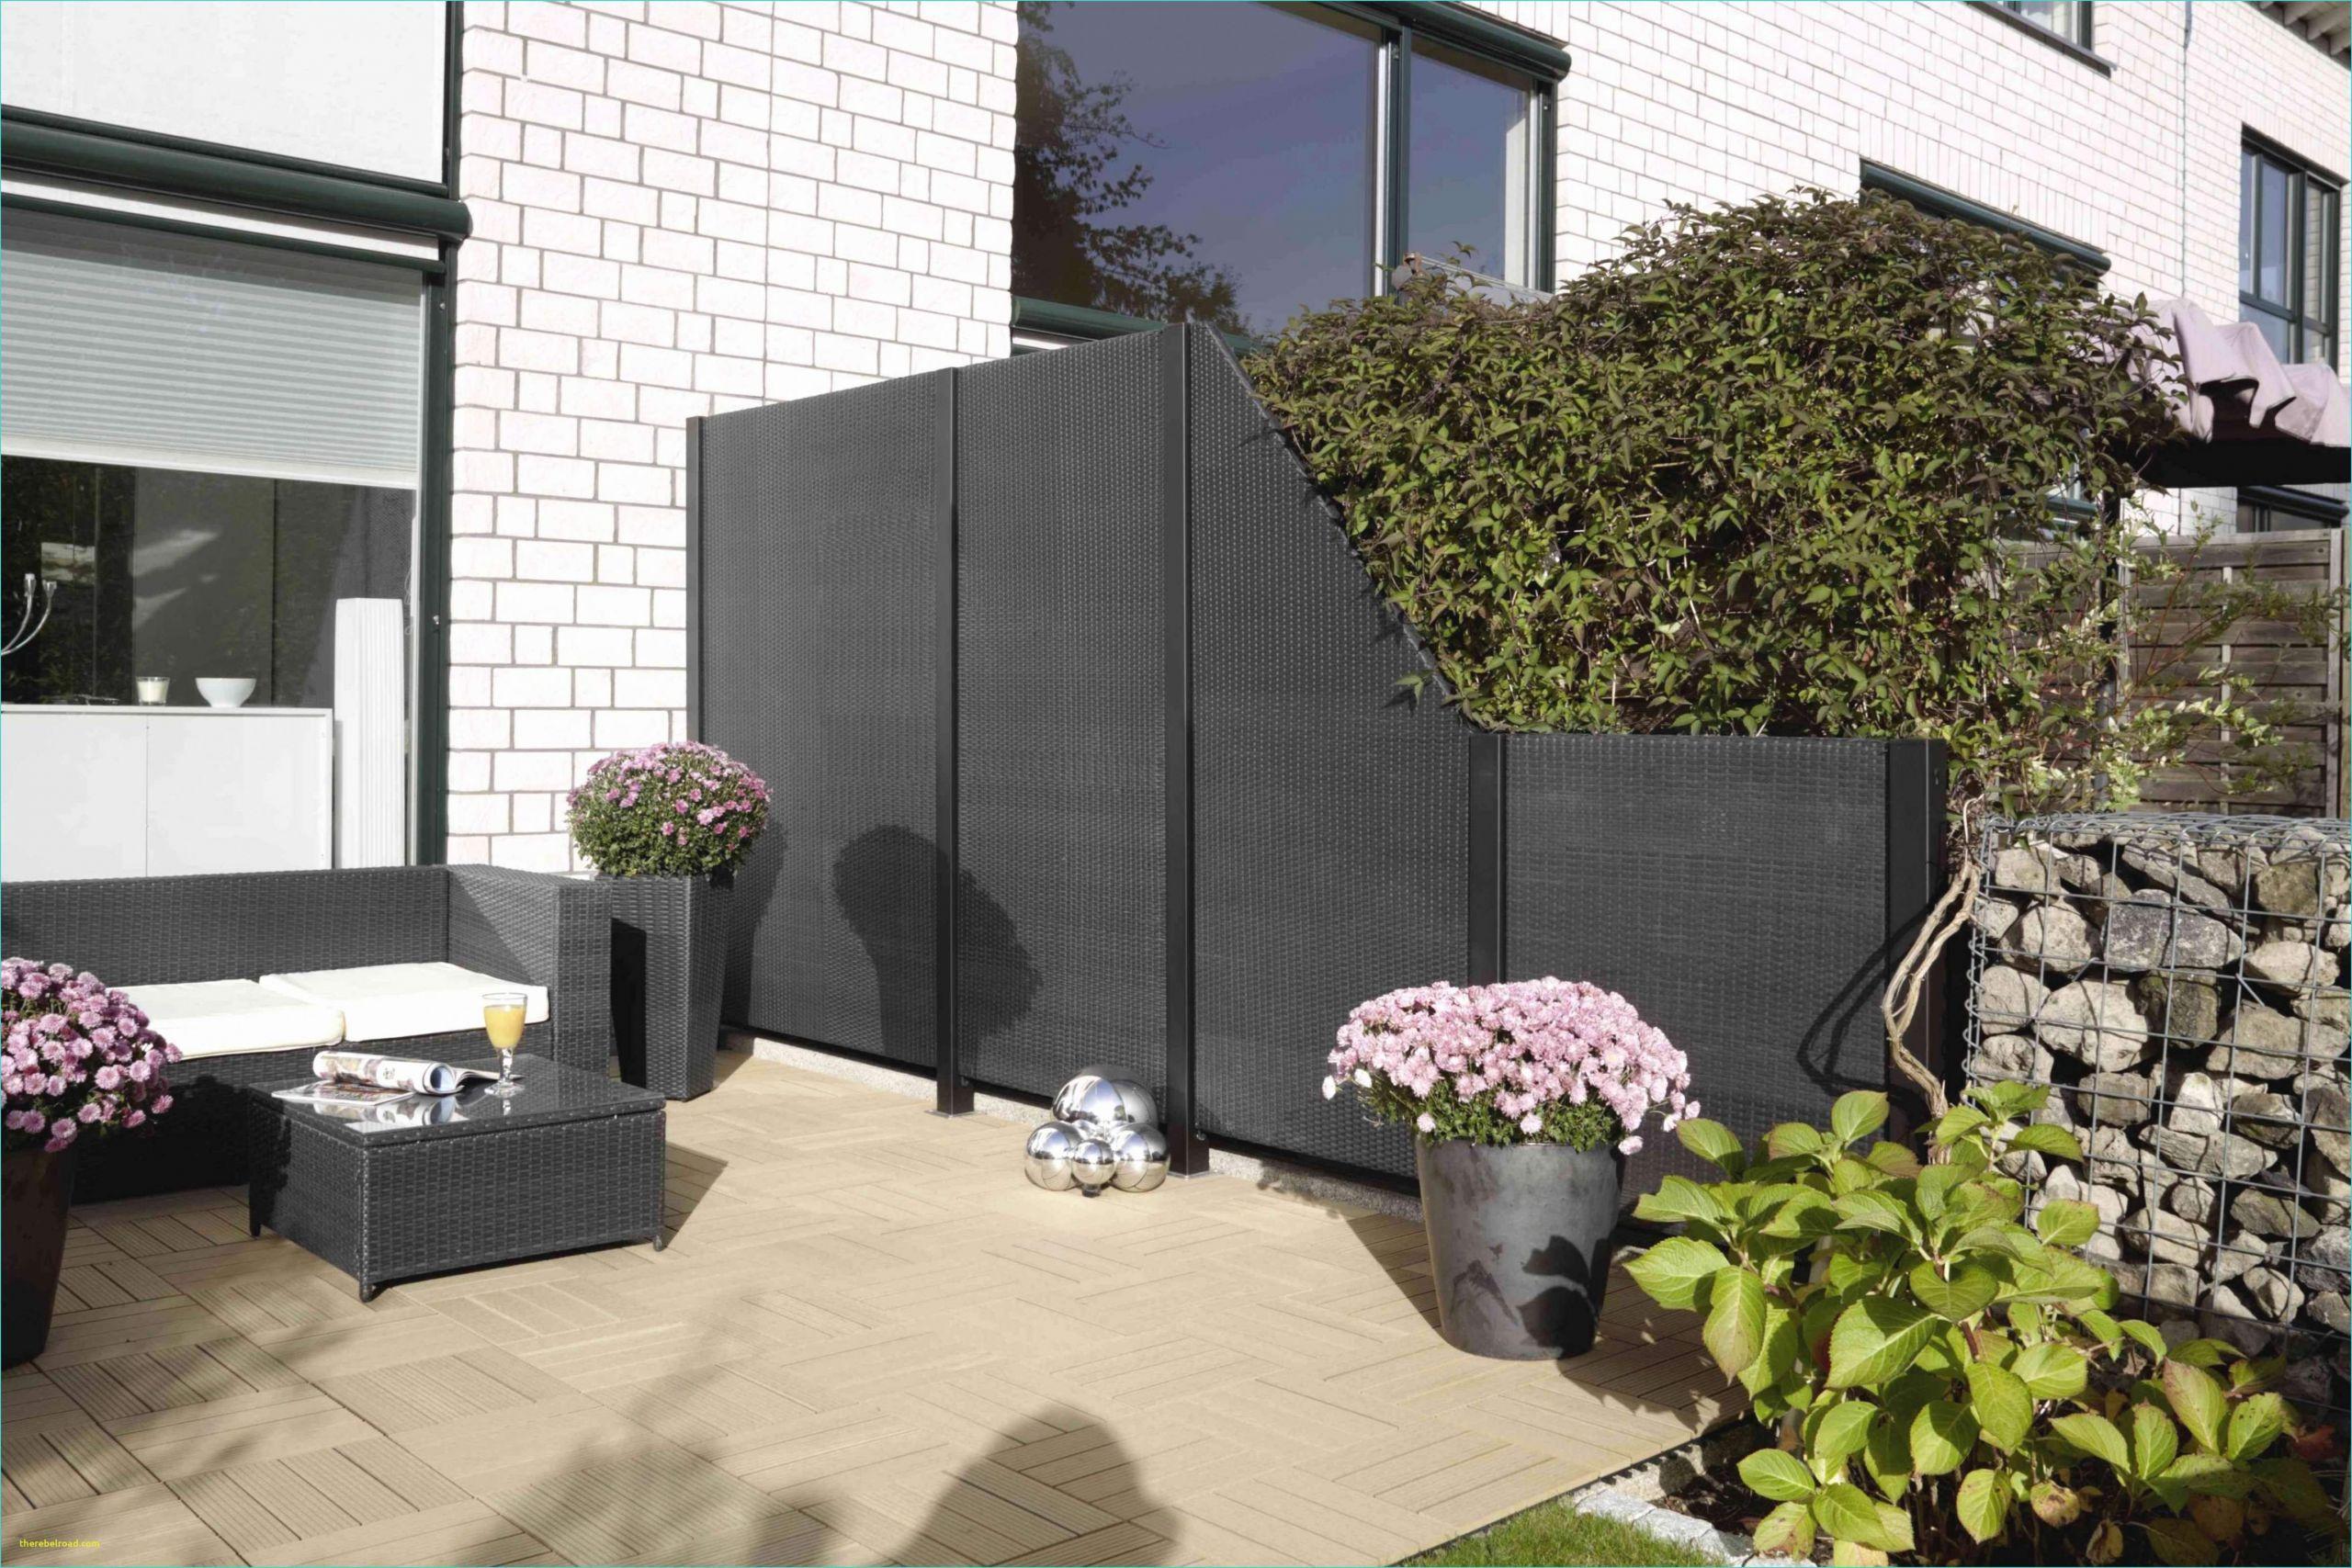 42 schon terrasse pflanzen sichtschutz stock pflanzen als sichtschutz terrasse pflanzen als sichtschutz terrasse